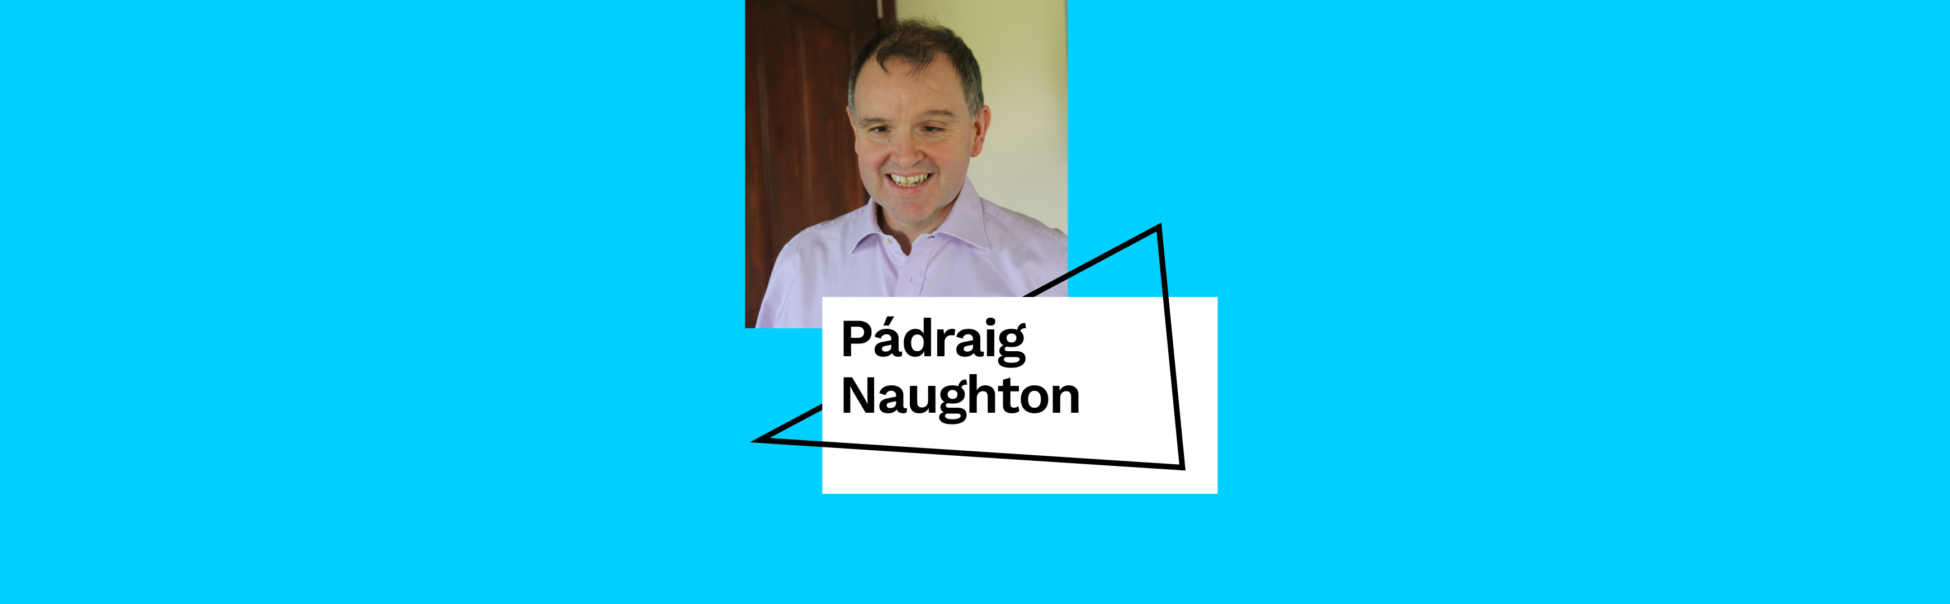 Pádraig Naughton